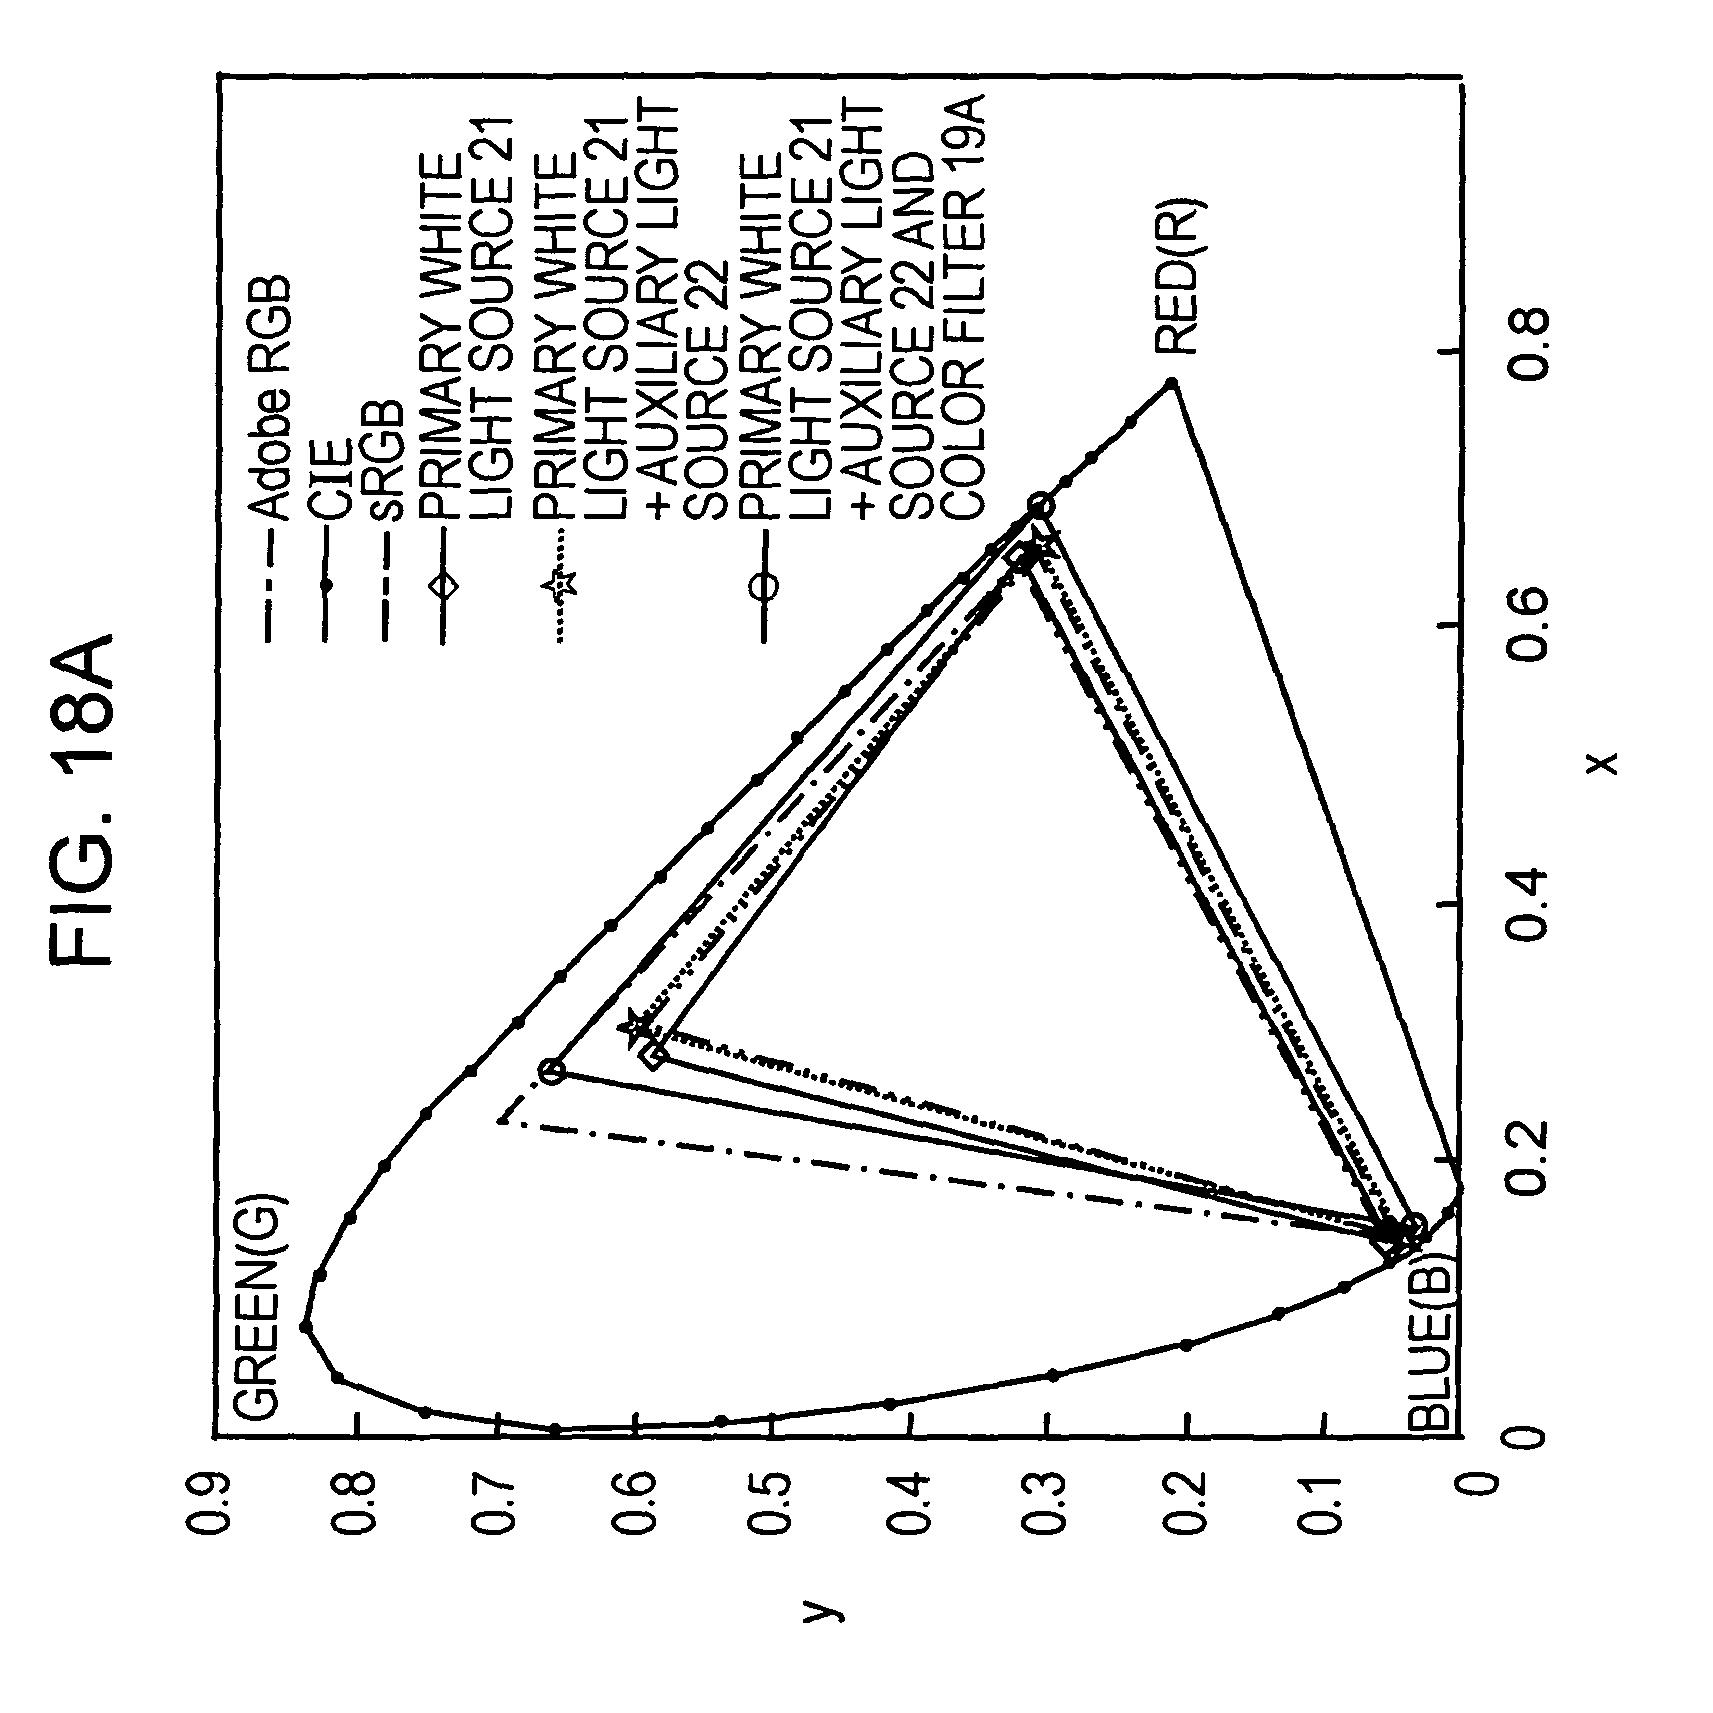 patent ep2111048a1 appareil proc d d enregistrement appareil de sRGB Table patent drawing